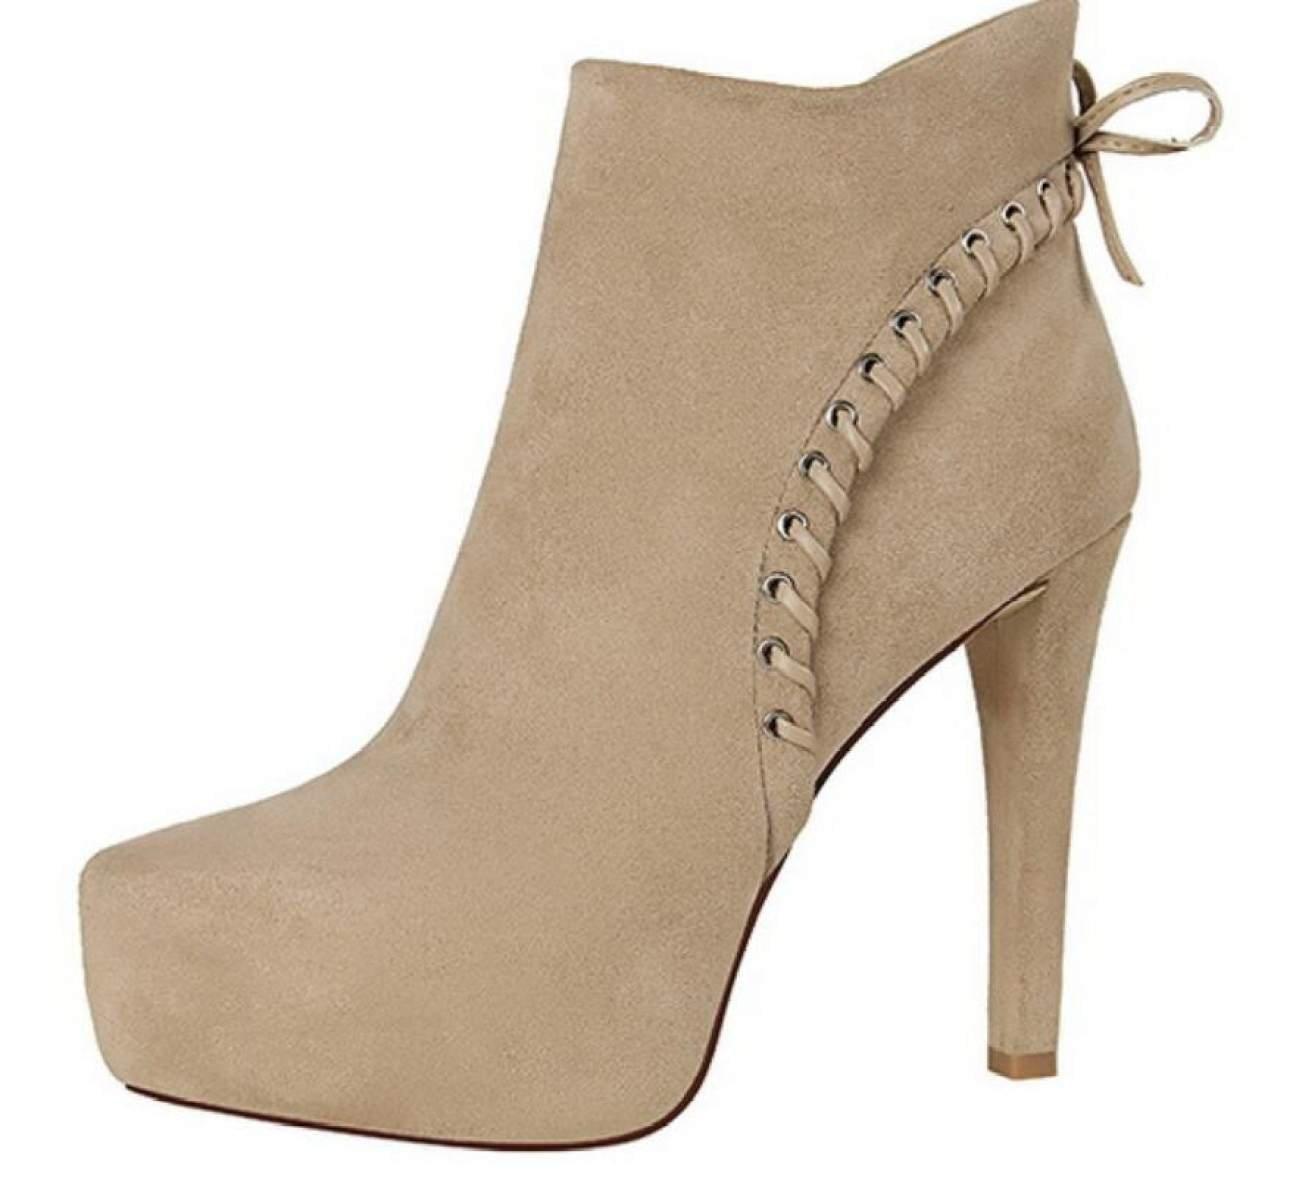 CHENSH Schuhe High Heels Retro Knight Stiefel Mode Wasserdichte Wildleder Stiefel